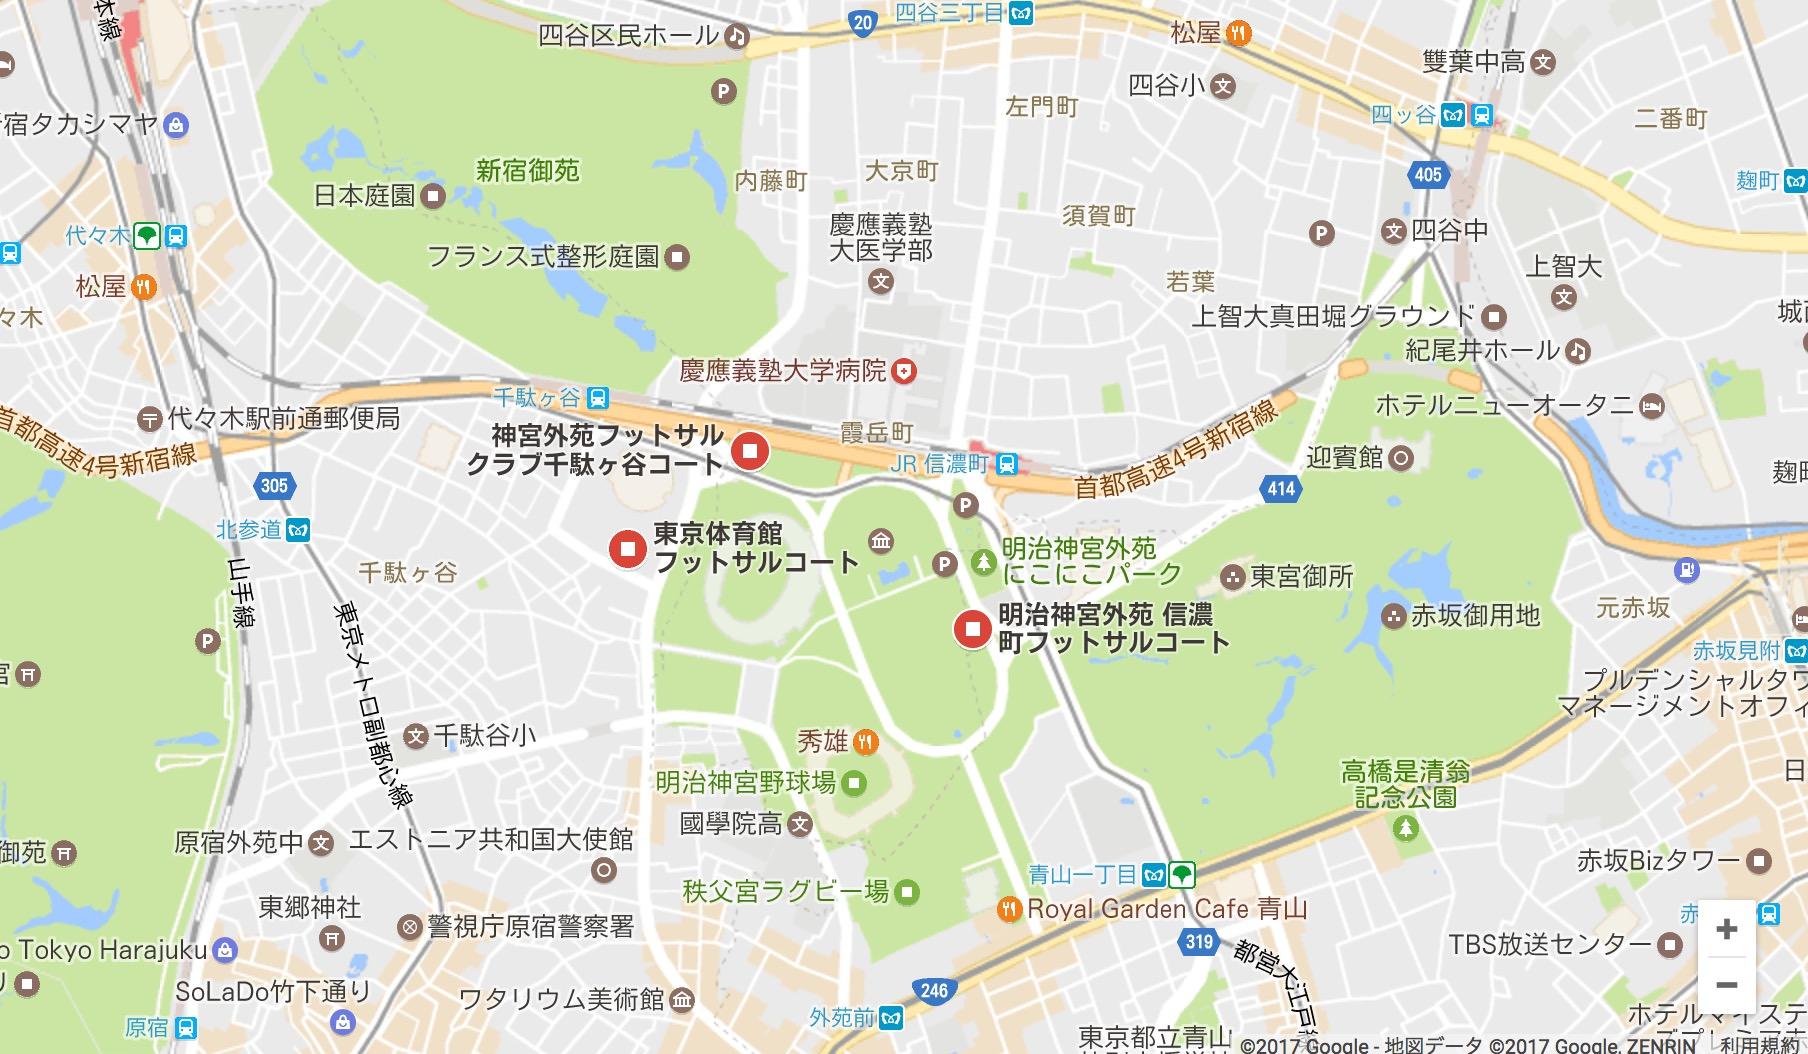 信濃町・千駄ヶ谷のフットサル場のGoogleMap